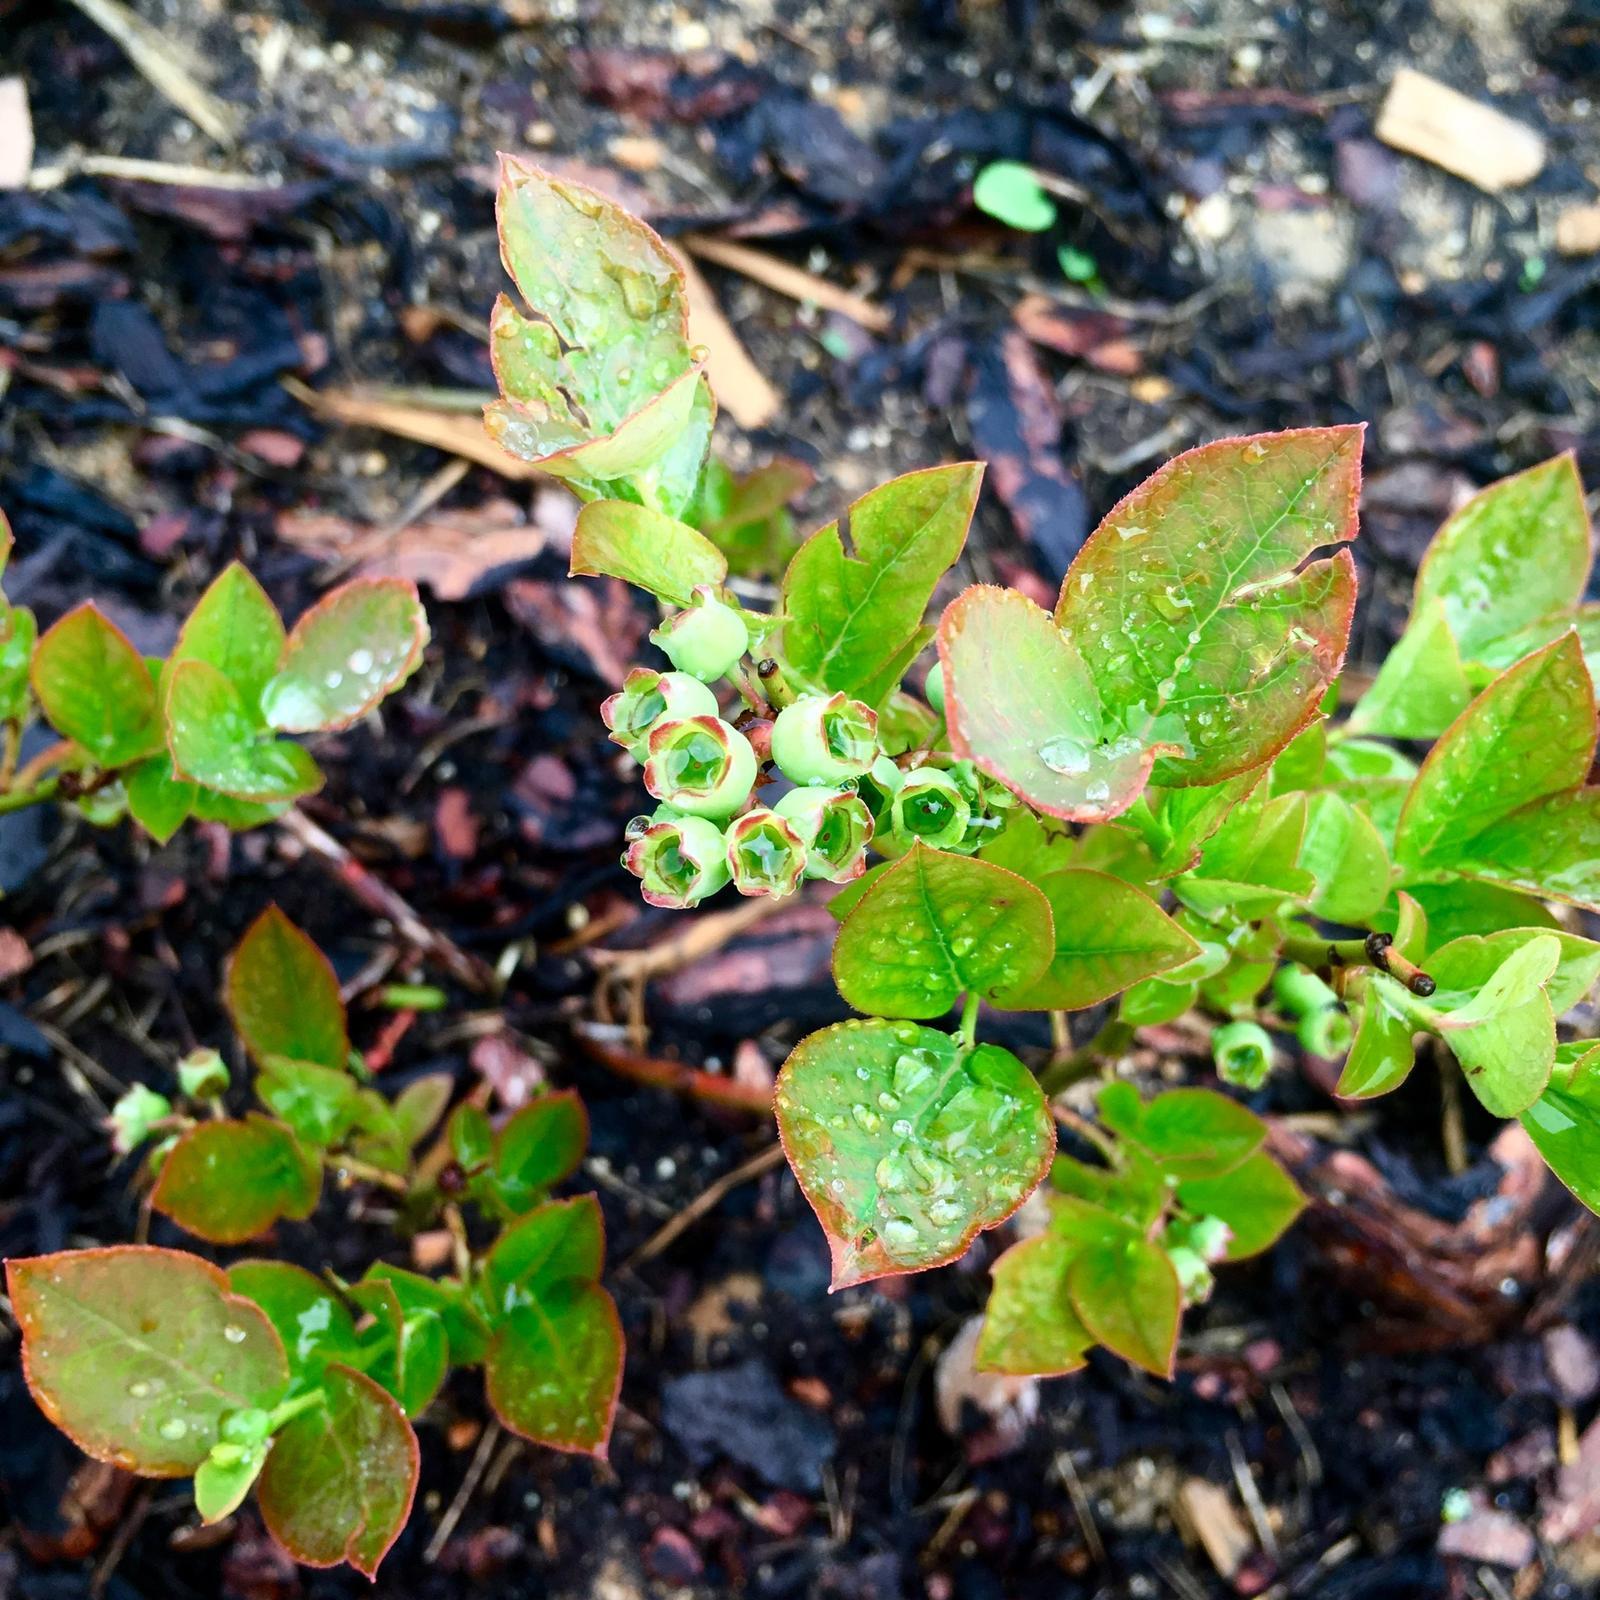 Skřítčí zahrada 2015 - 2020 - Květen 2019 - letos to vypadá, že sklidíme trochu borůvek